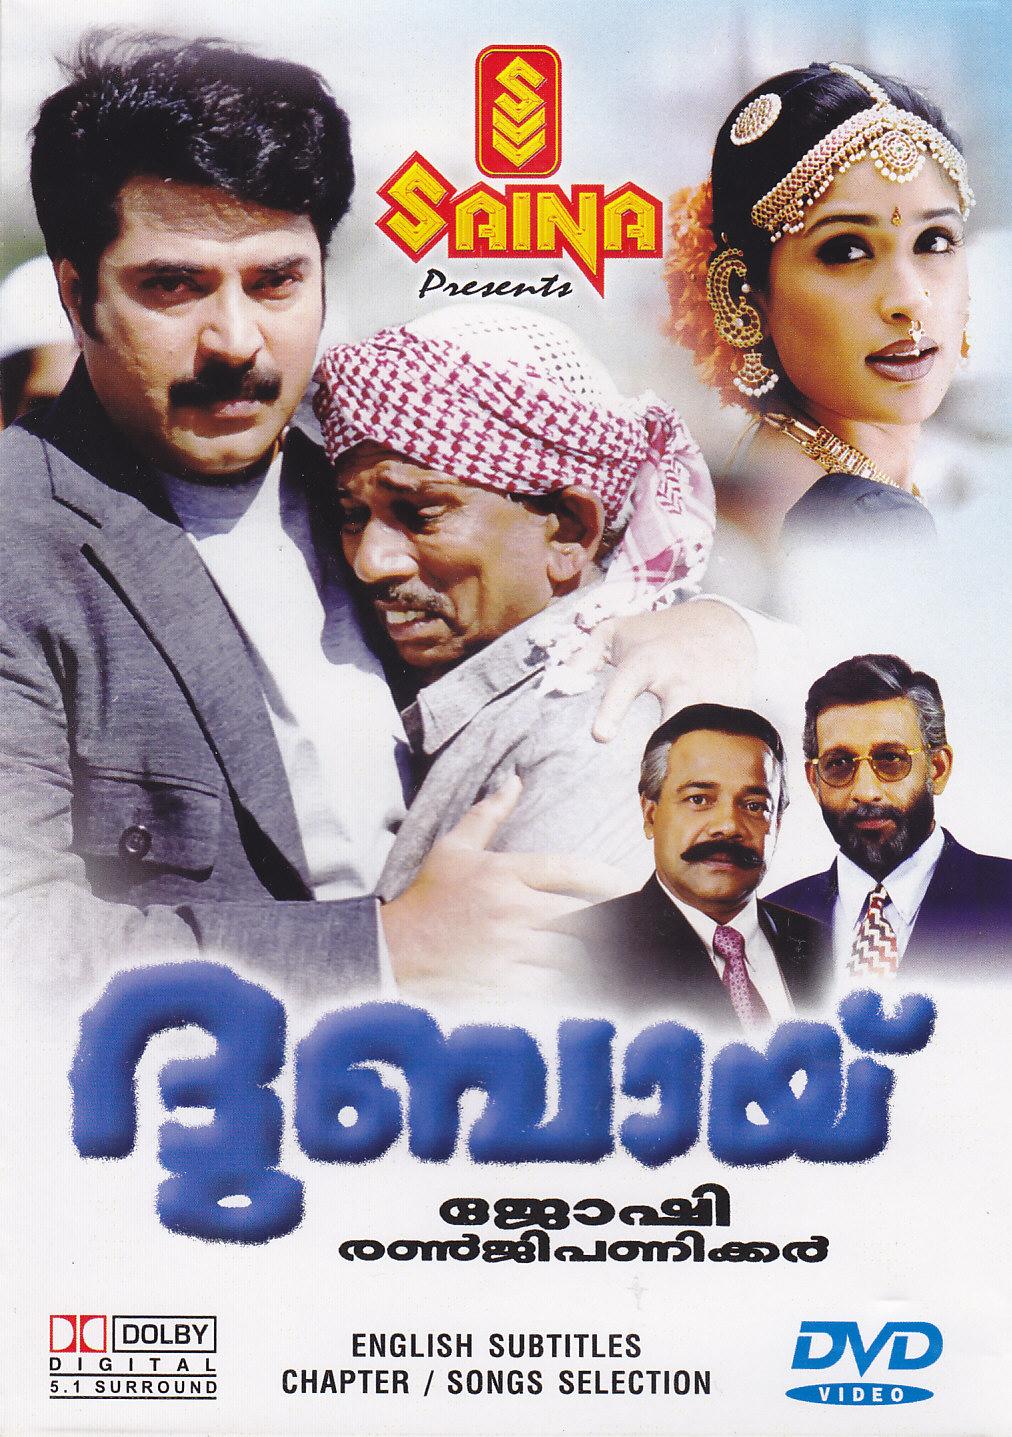 Dubai DVD Screenshots (Saina) Dubai